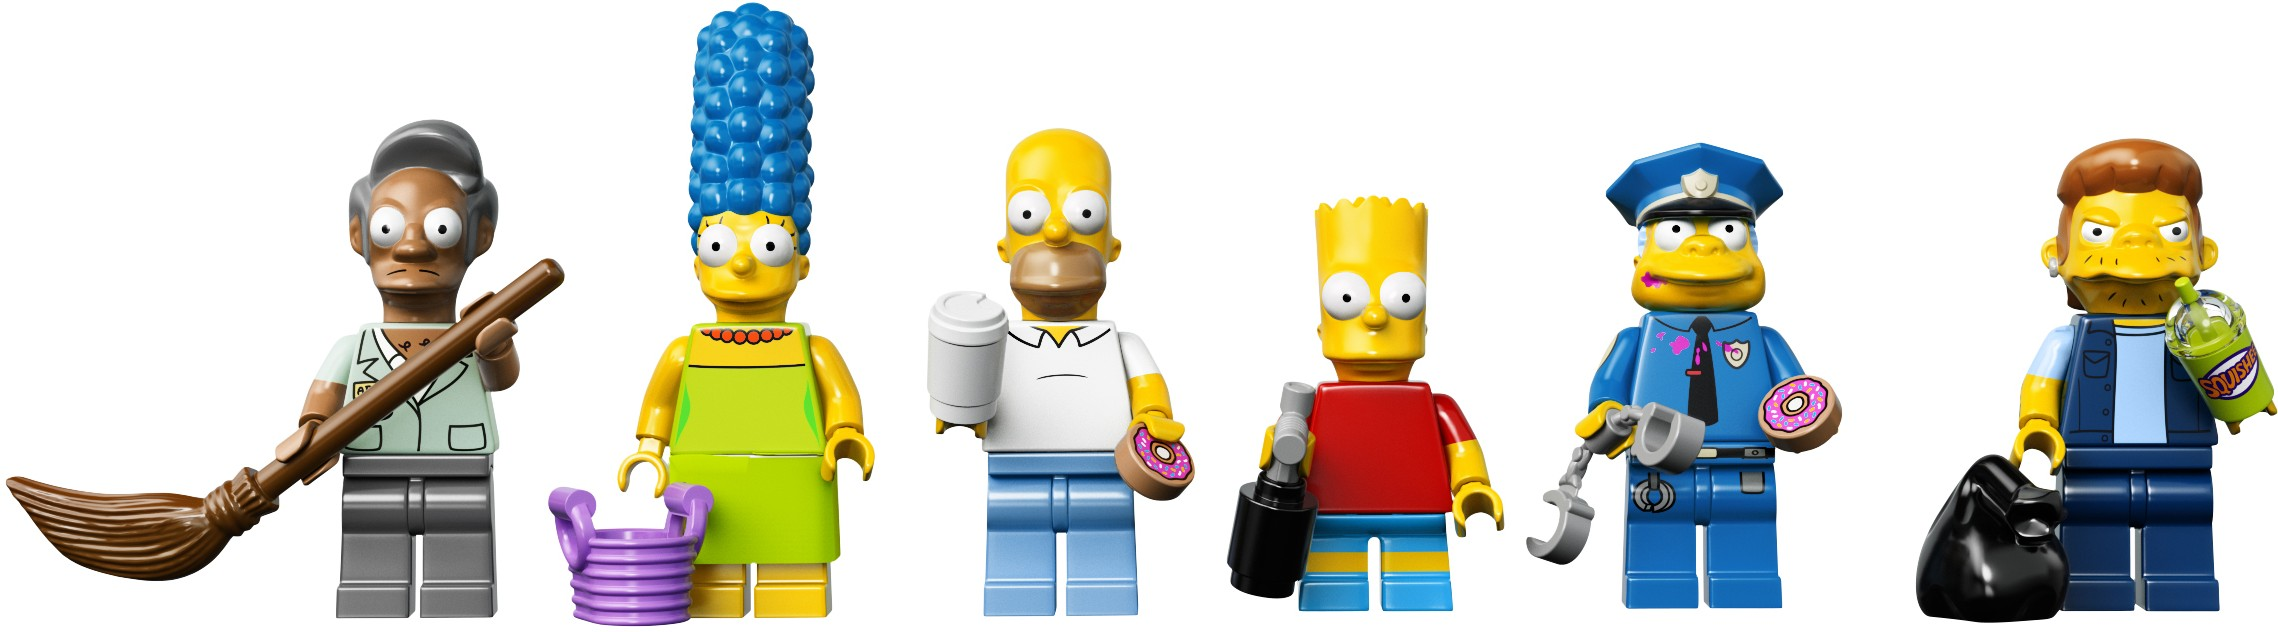 минифигурки Лего Симпсонов 2015 из набора 71016